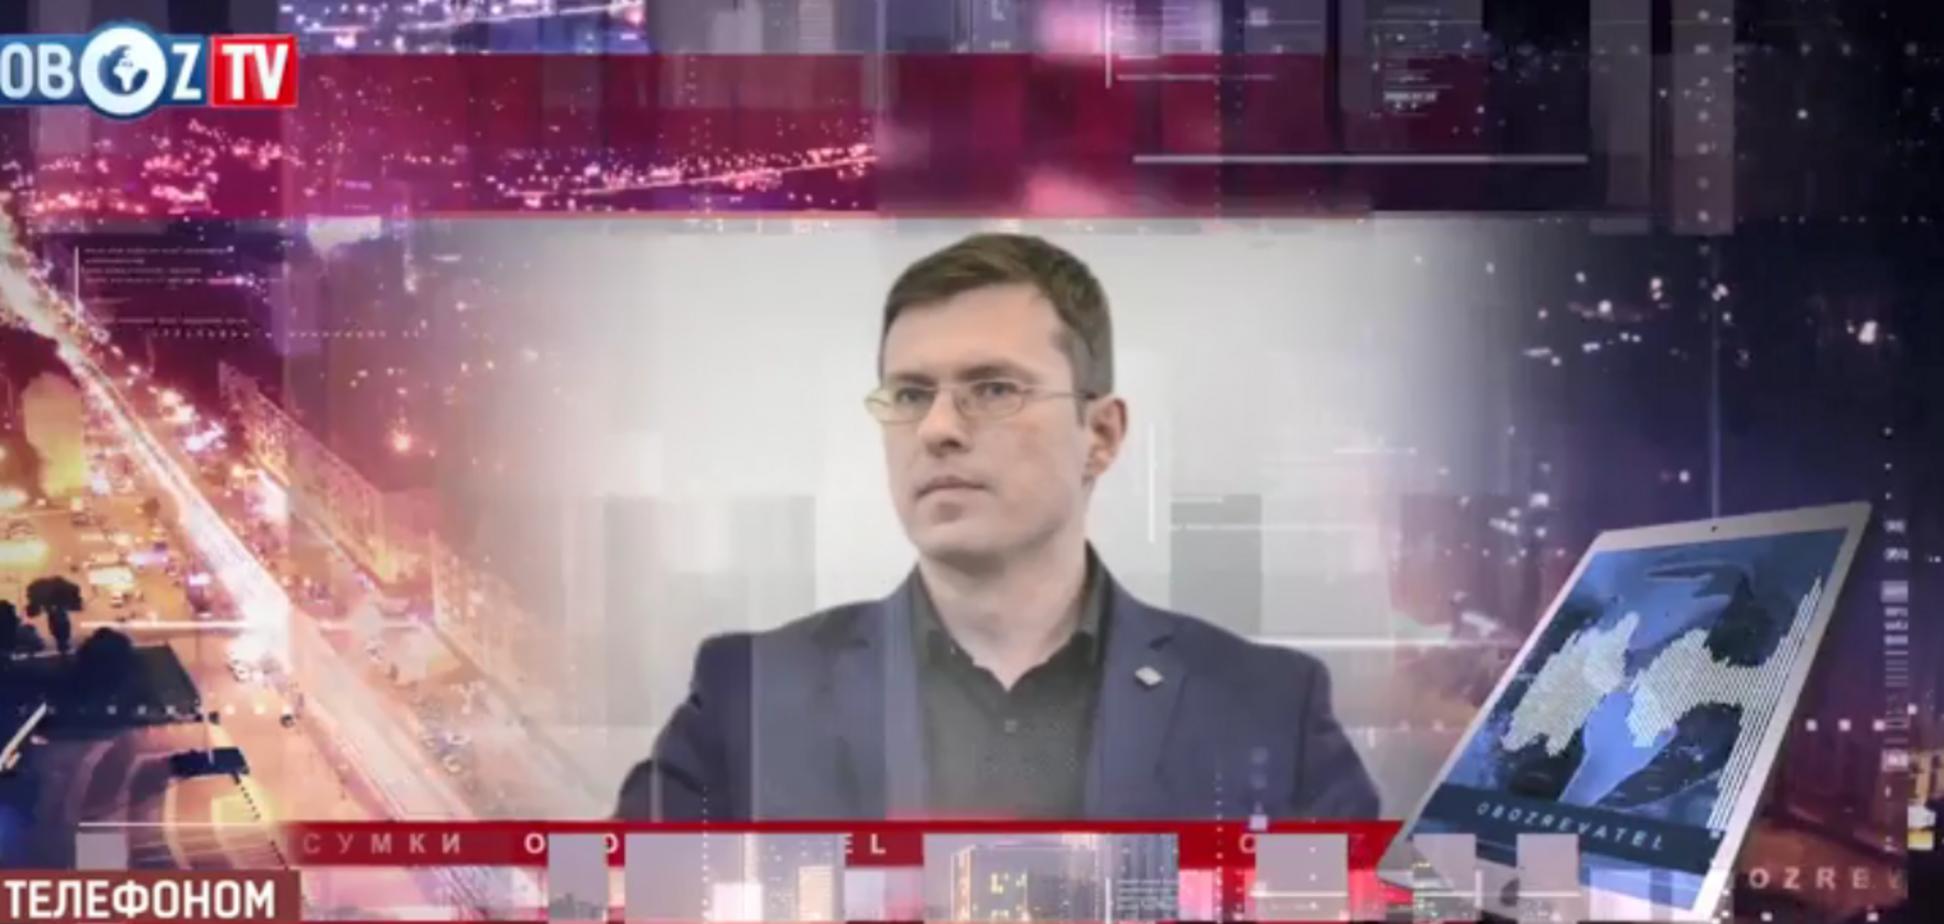 Евакуація українців із Китаю через коронавірус: з'явилися нові подробиці